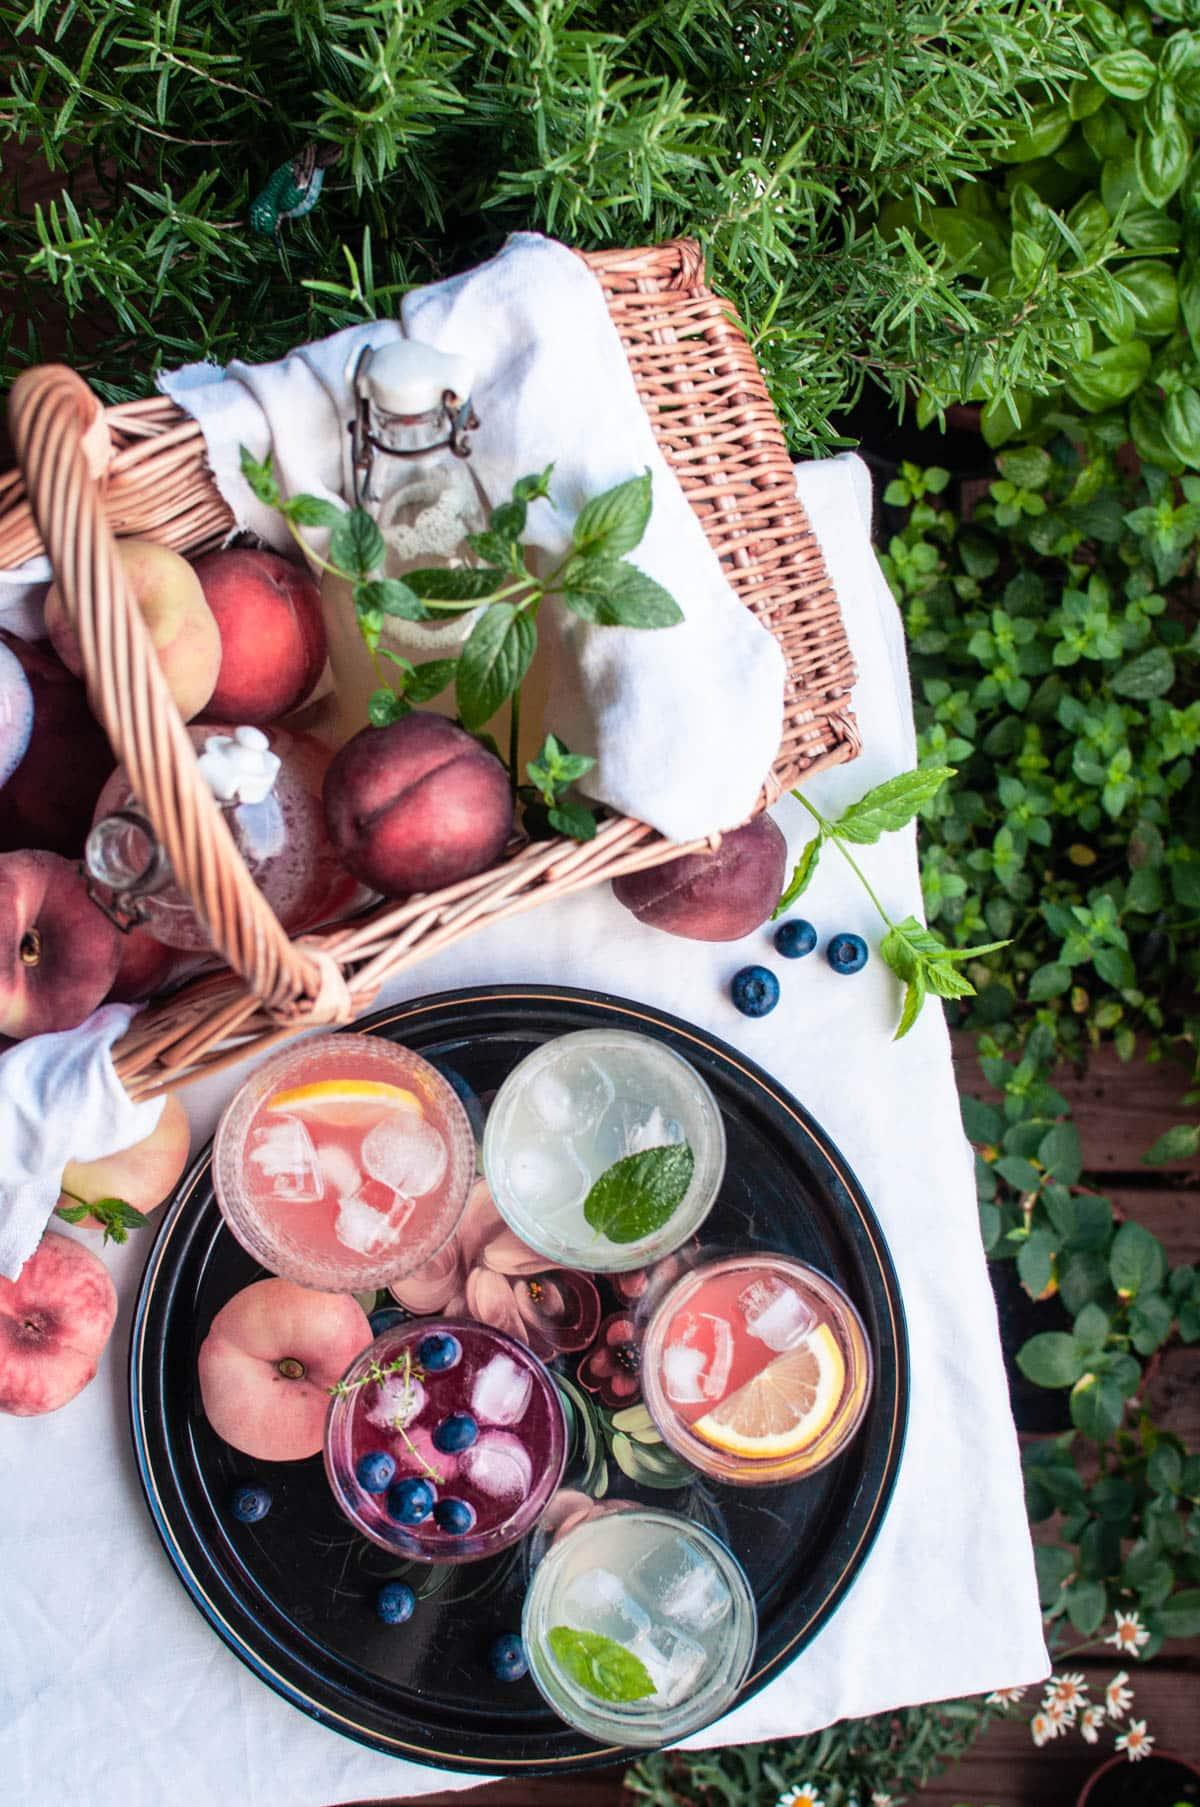 Ylhäältä otettu kuva. Pöydällä on kori, jossa on limonadipulloja ja persikoita sekä tarjotin, jolla on viisi lasillista limonadia.